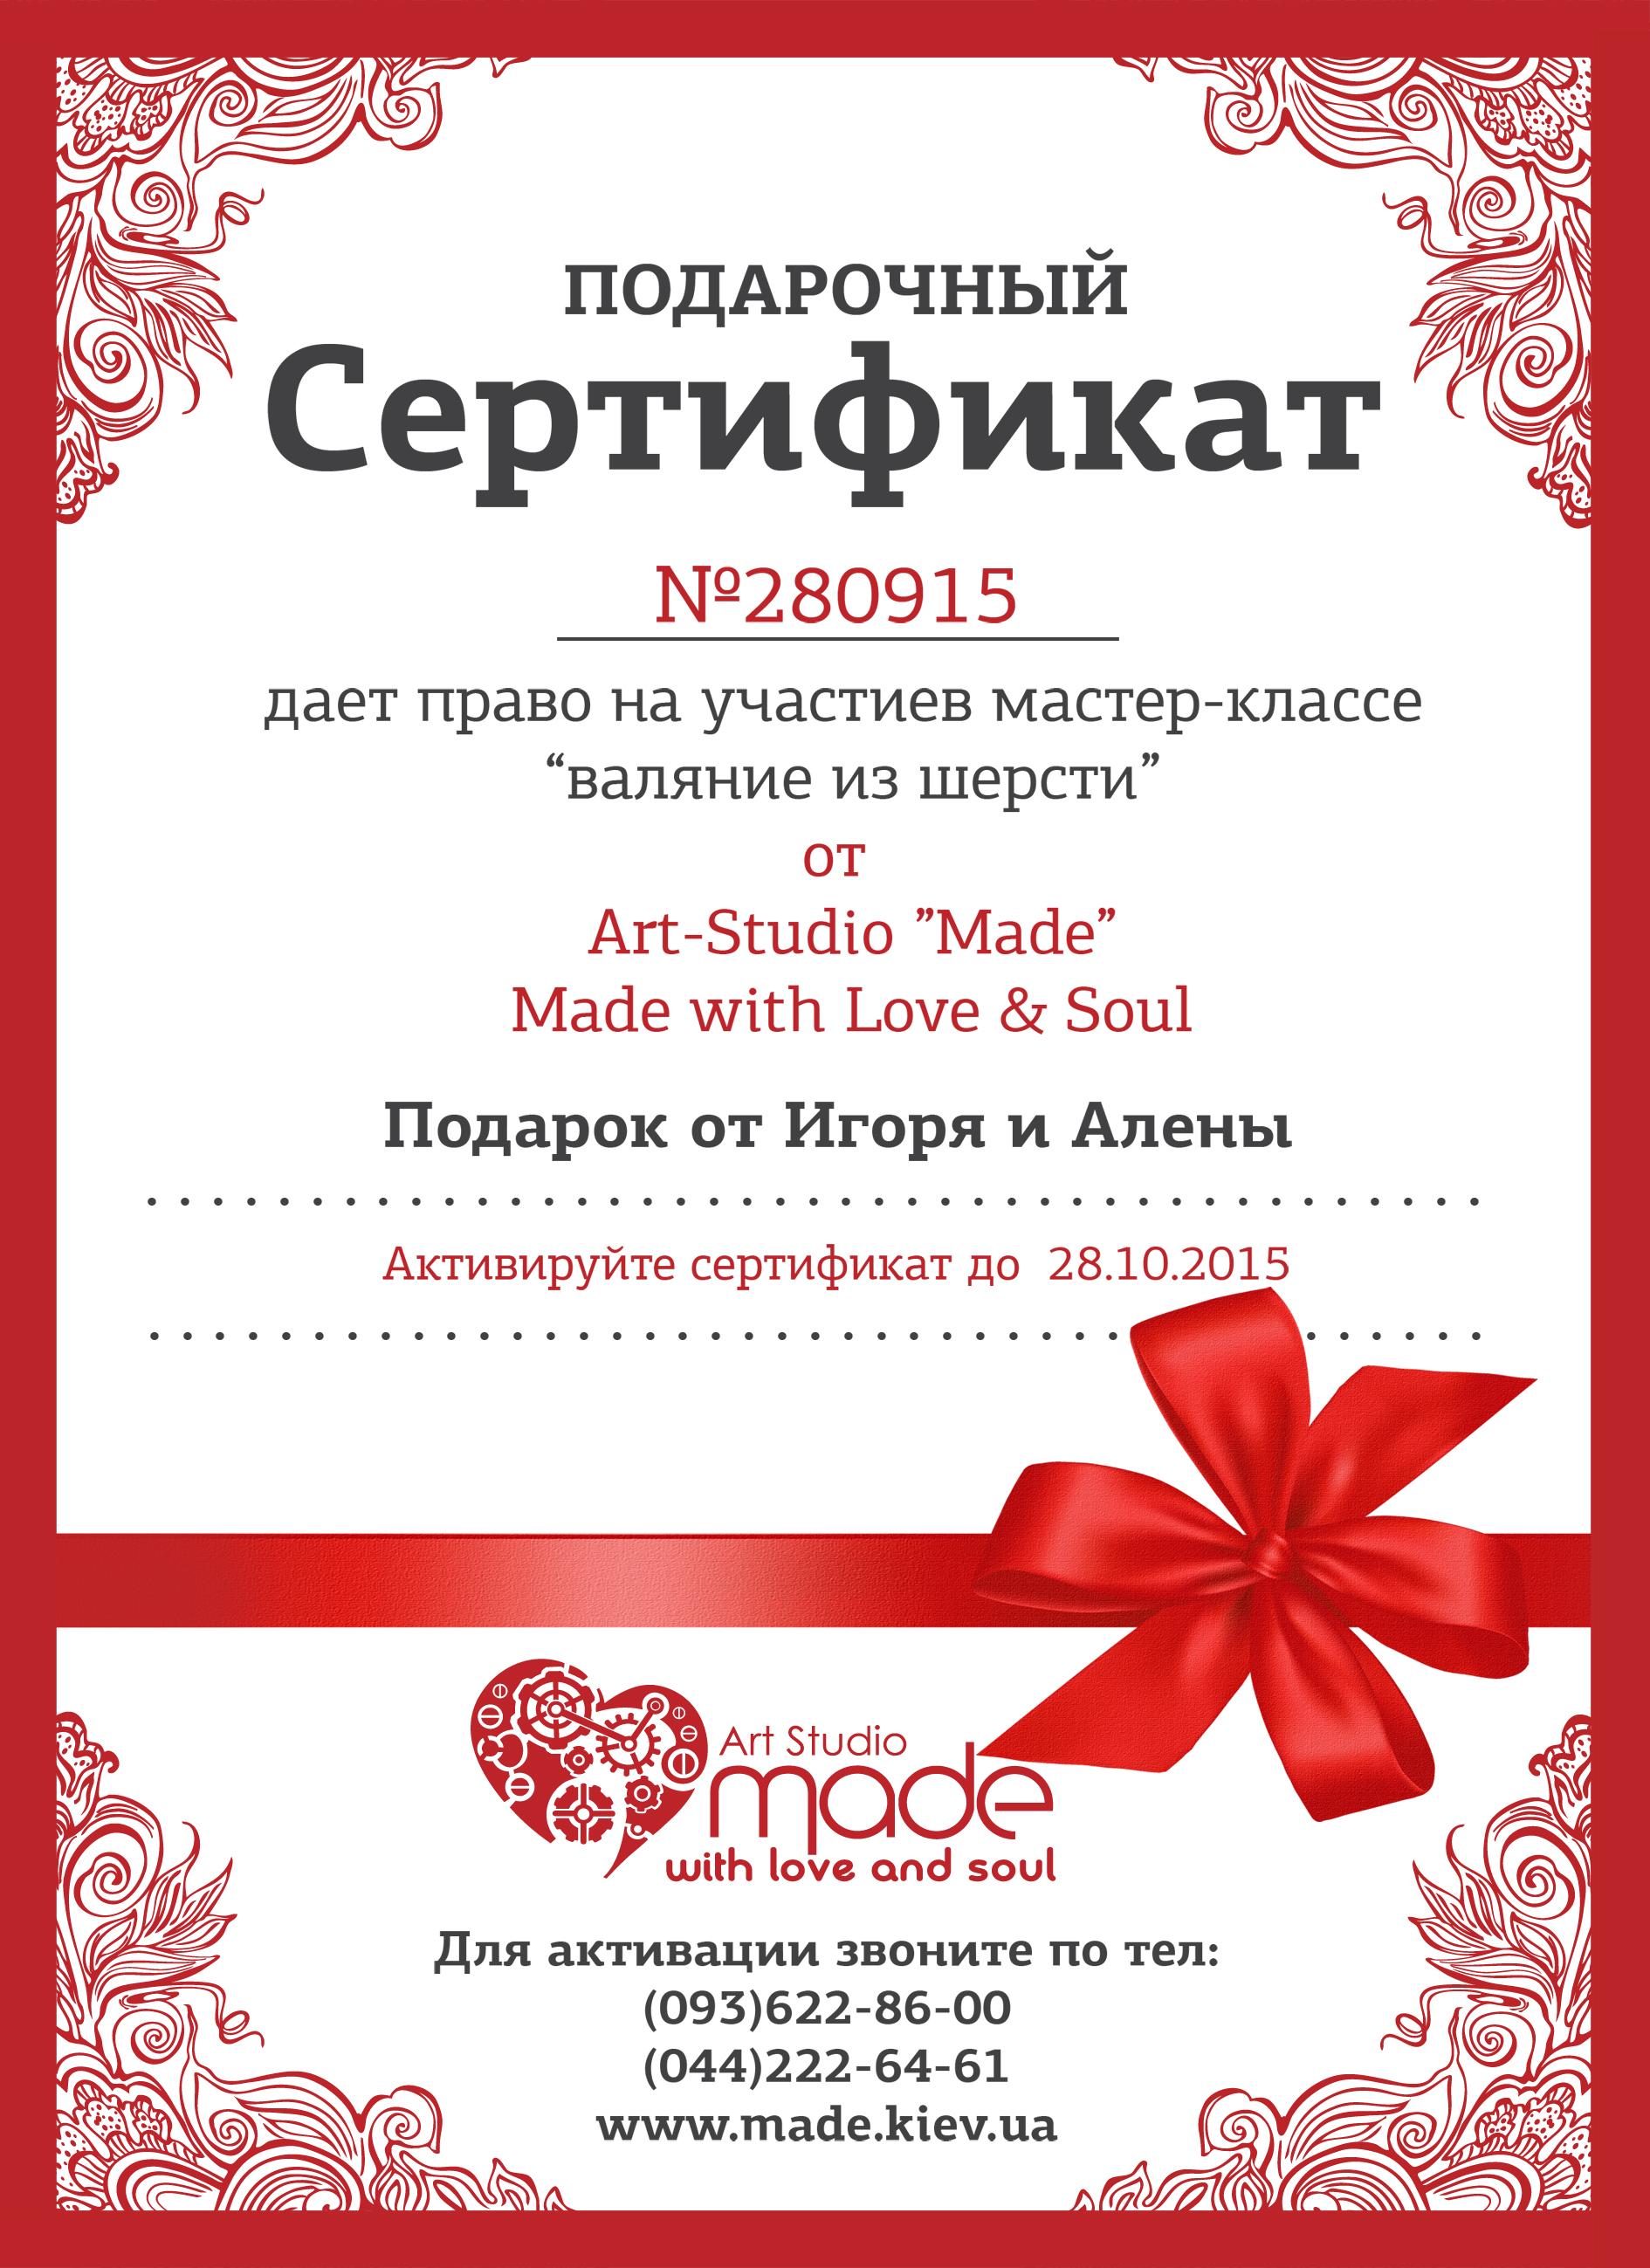 Подарочный сертификат на мастер-класс Киев